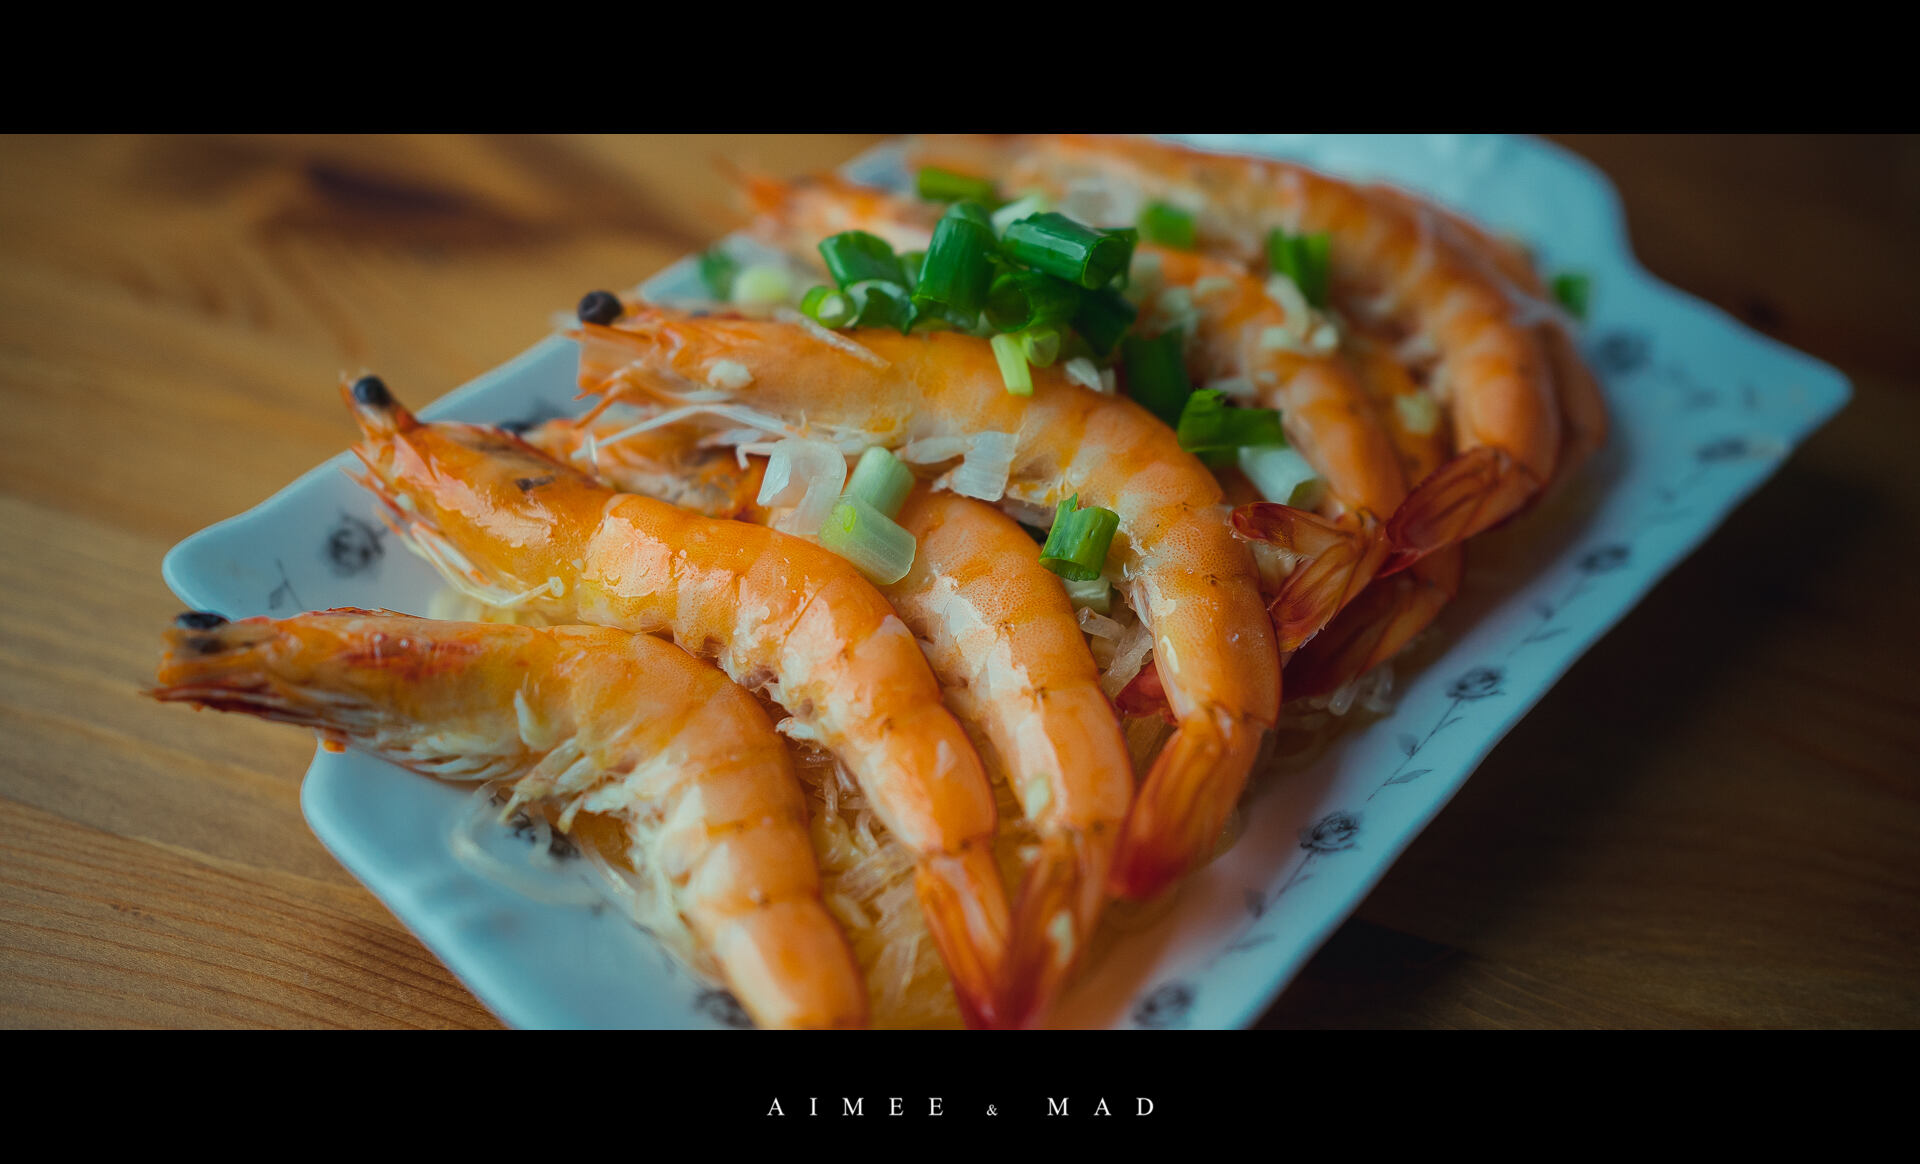 【年菜料理】奶油蒜蓉蒸蝦、胡椒蝦、金沙中卷,一小時內完成三道菜!